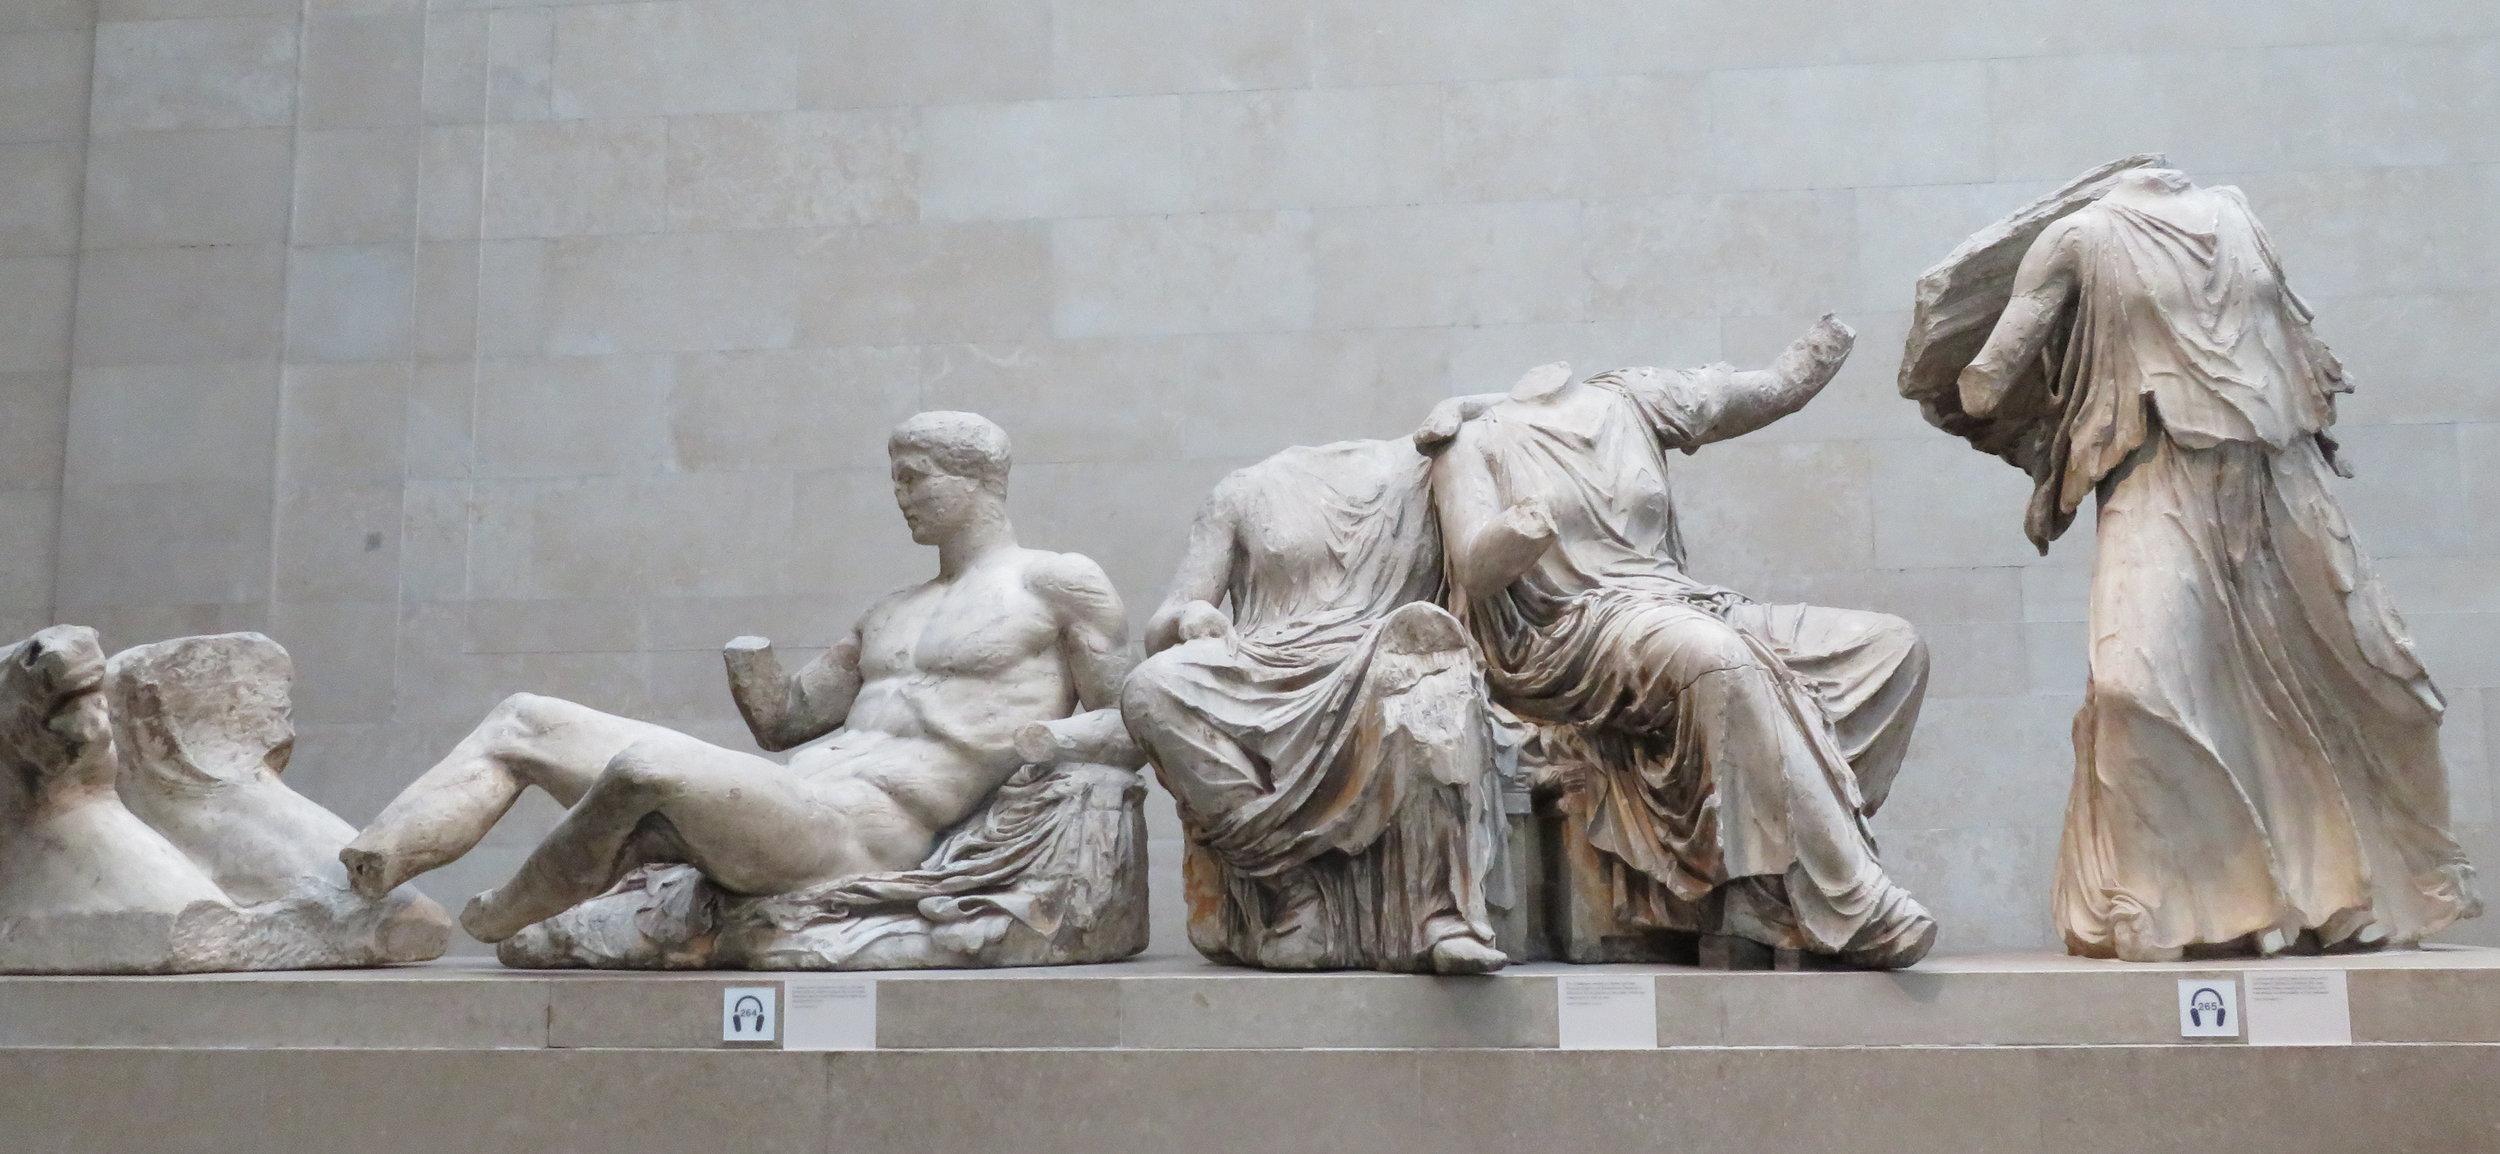 Parthenon Sculptures aka the Elgin Marbles